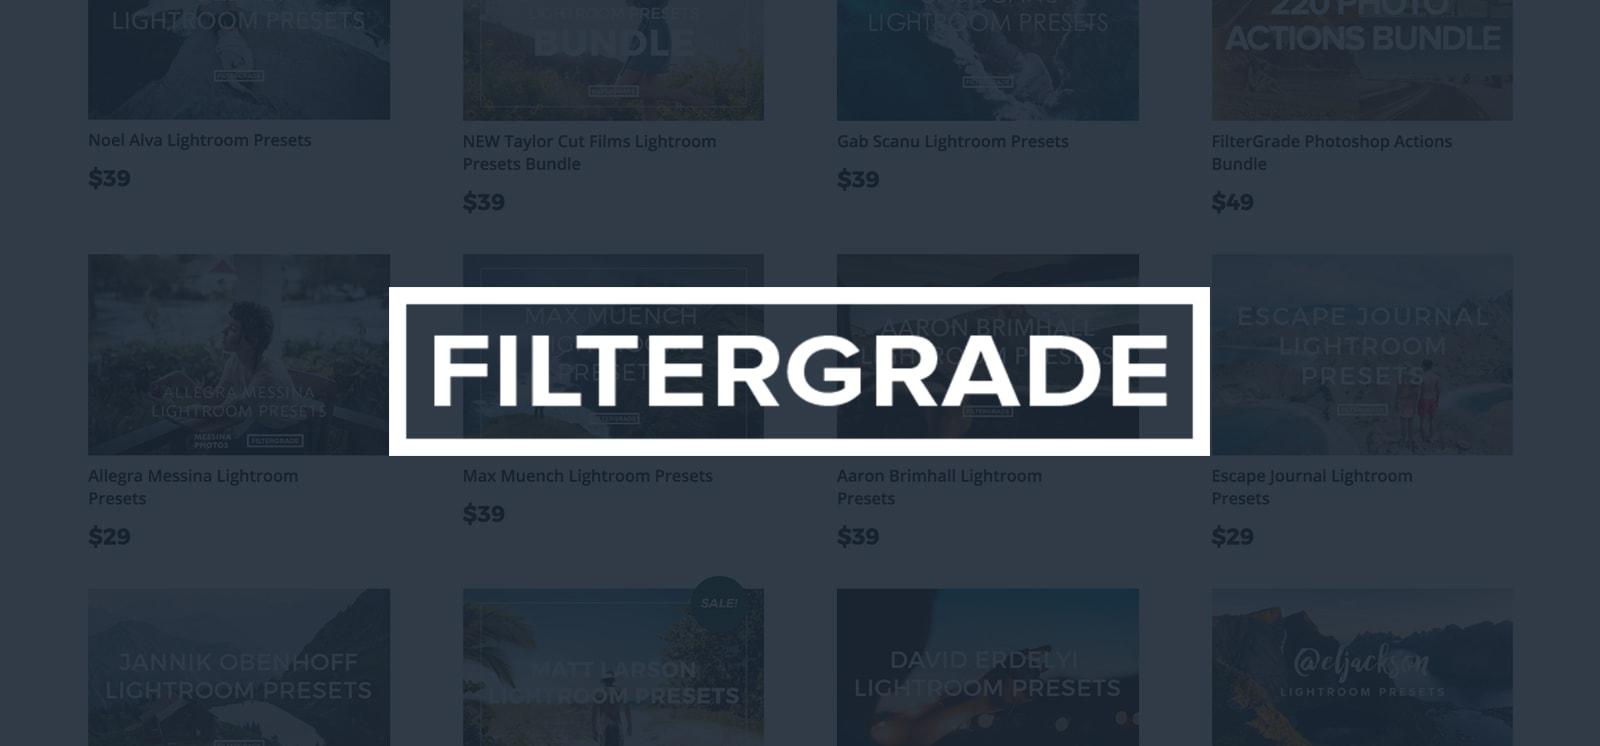 filtergrade lightroom presets